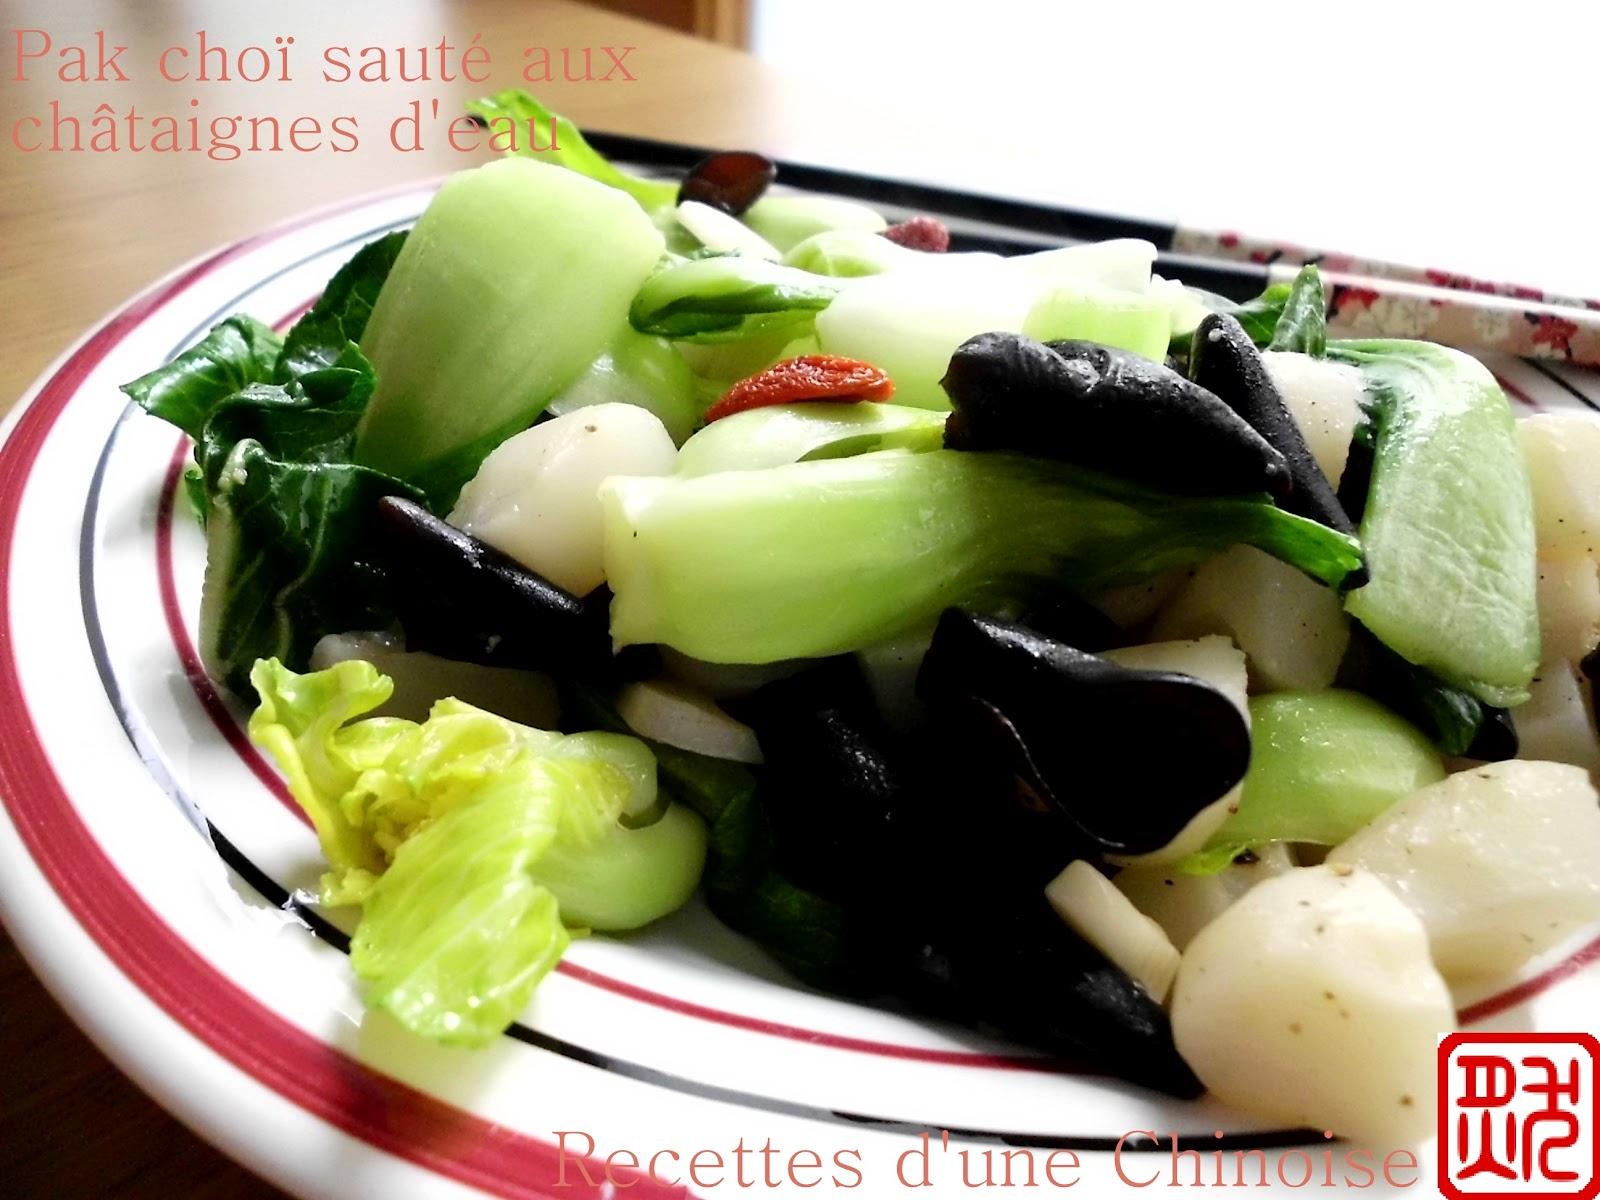 Recettes d 39 une chinoise pak choi saut avec ch taignes d 39 eau et champignons noirs - Cuisson pak choi ...